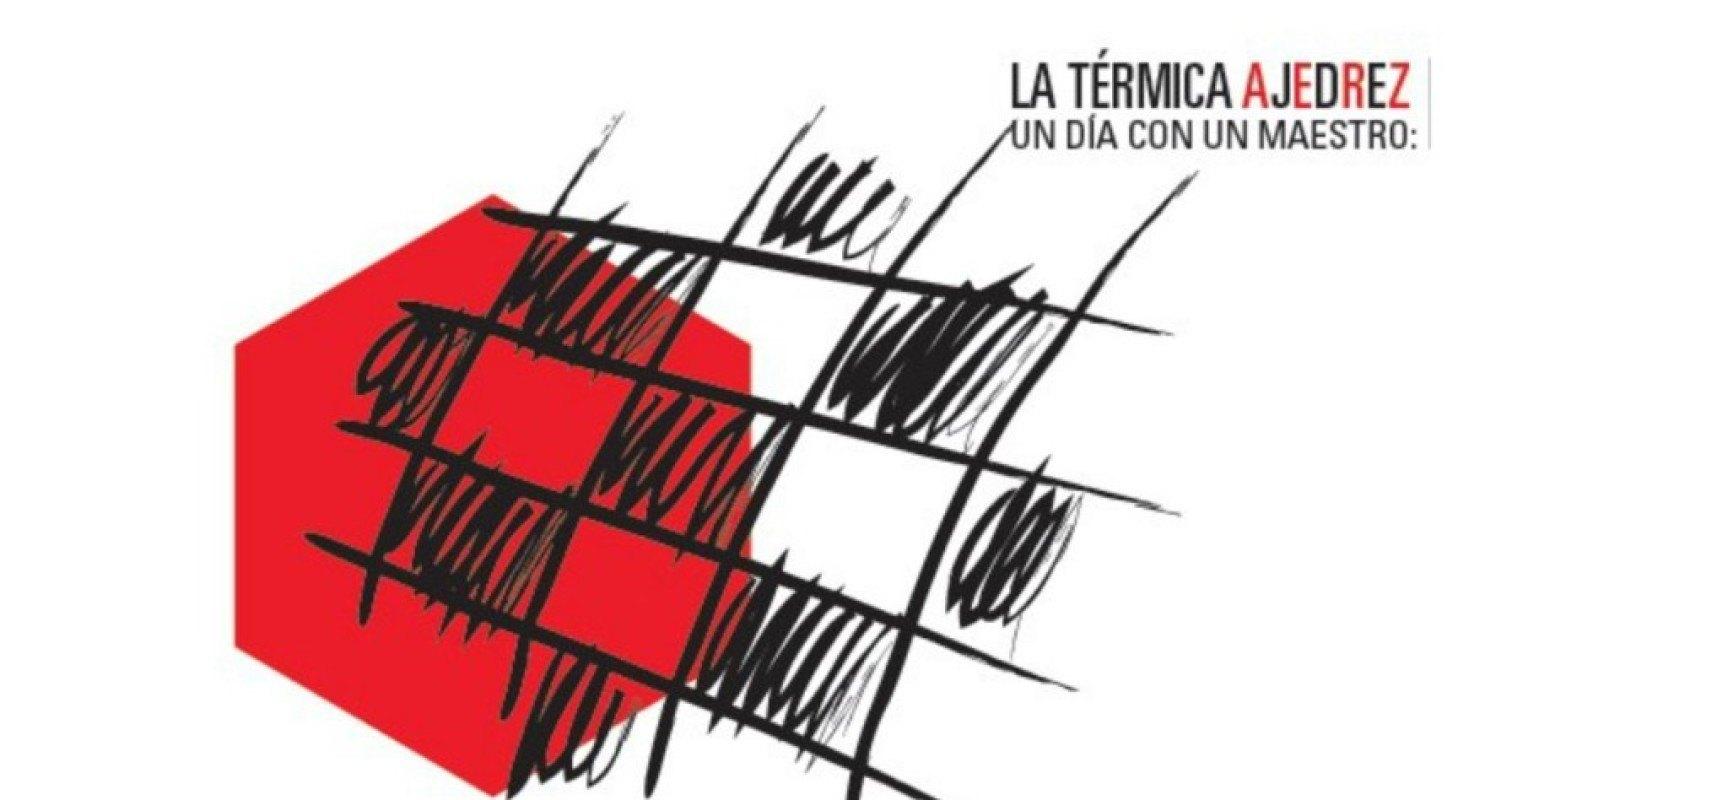 Ciclo inédito sobre Bobby Fischer en el centro de cultura contemporánea La Térmica (Málaga)